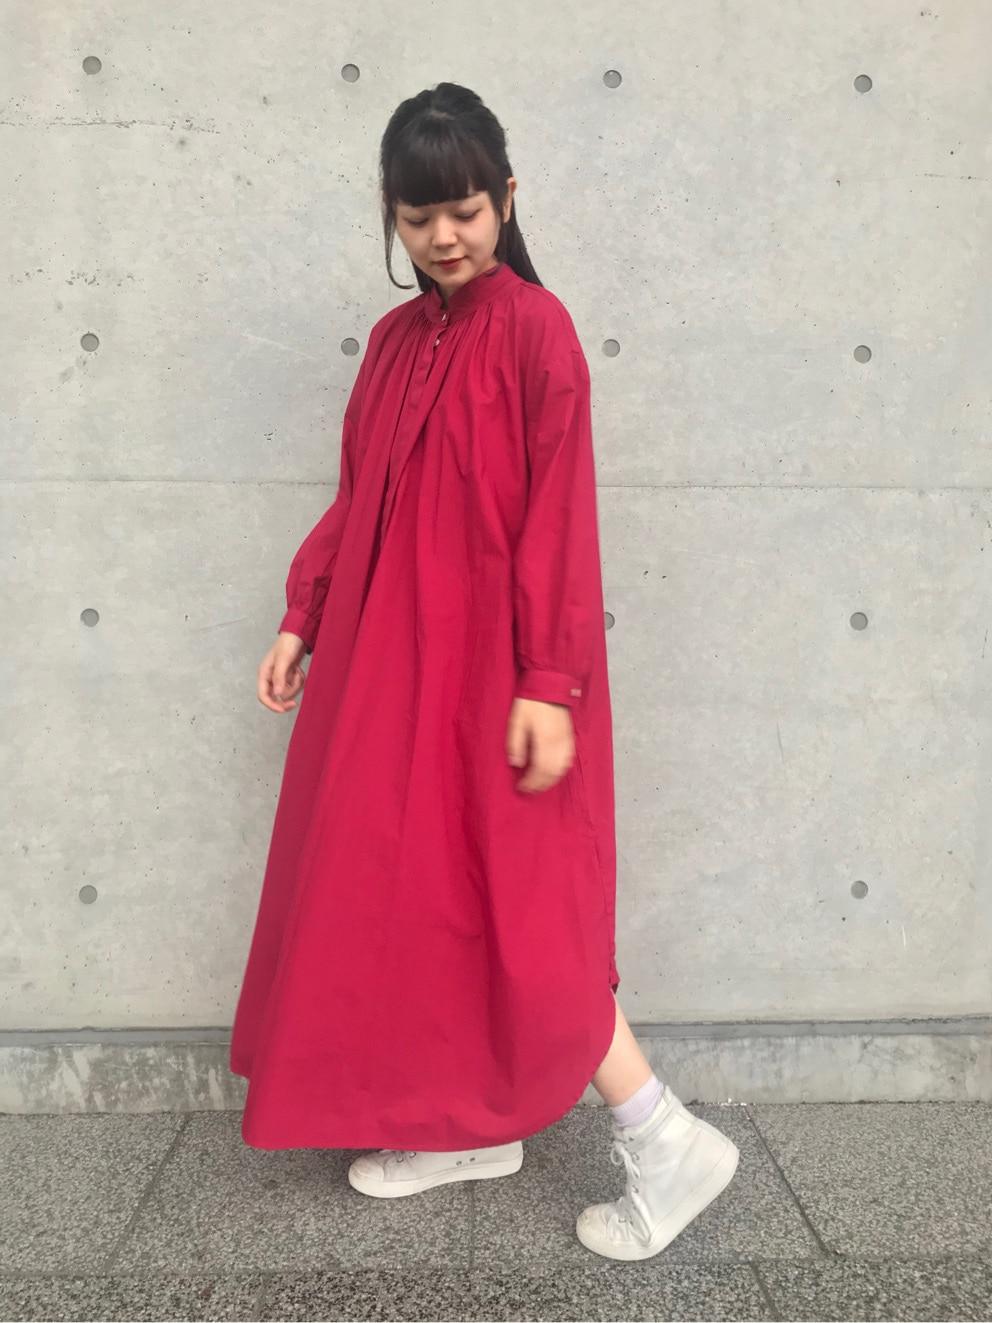 l'atelier du savon 東京スカイツリータウン・ソラマチ 身長:154cm 2020.09.15